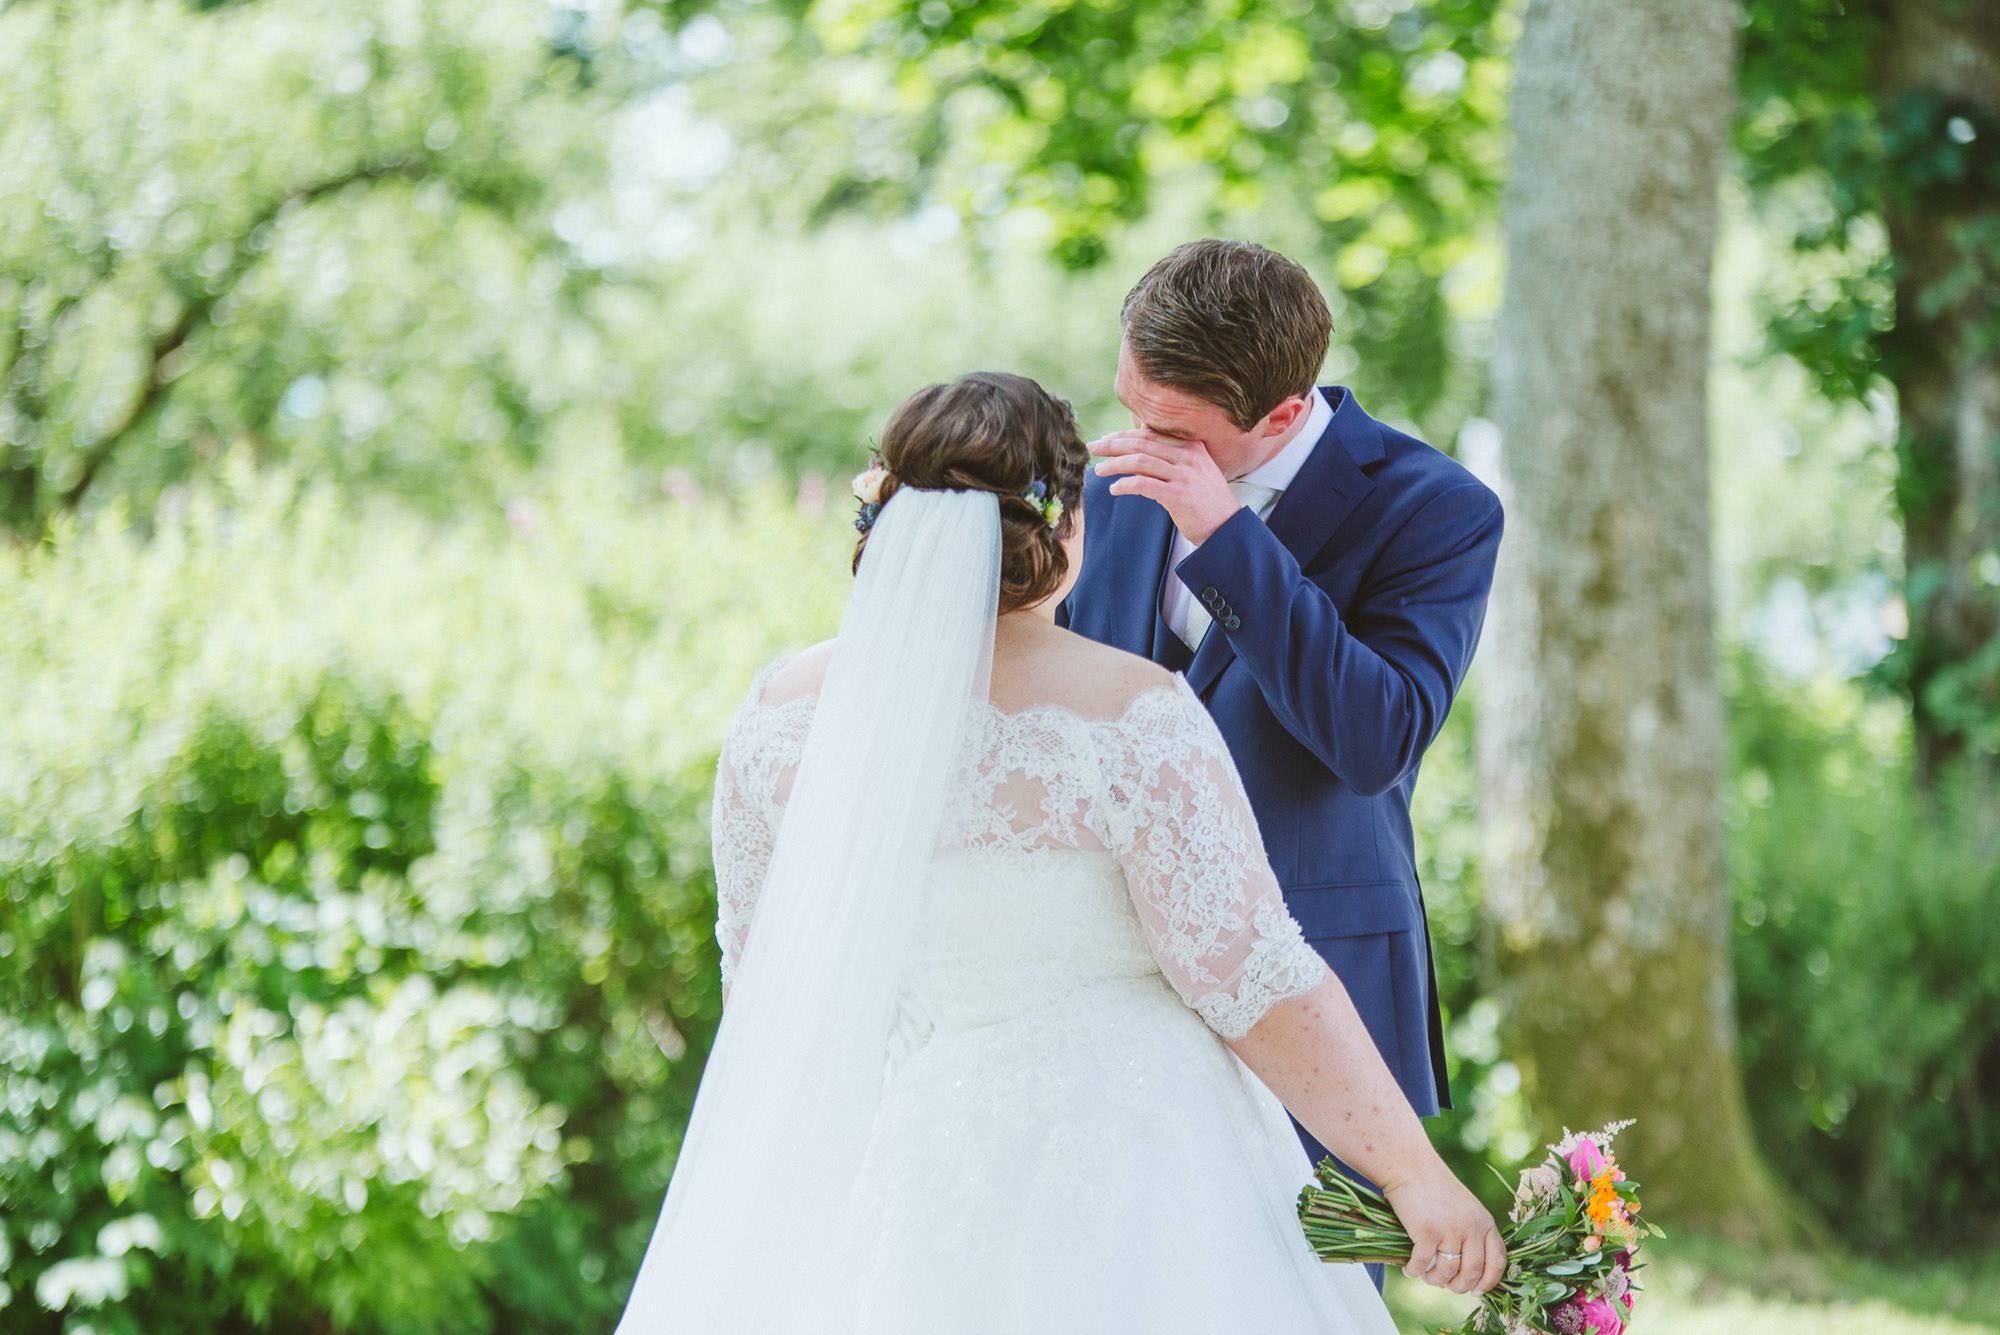 Wedding in Skien, Norway